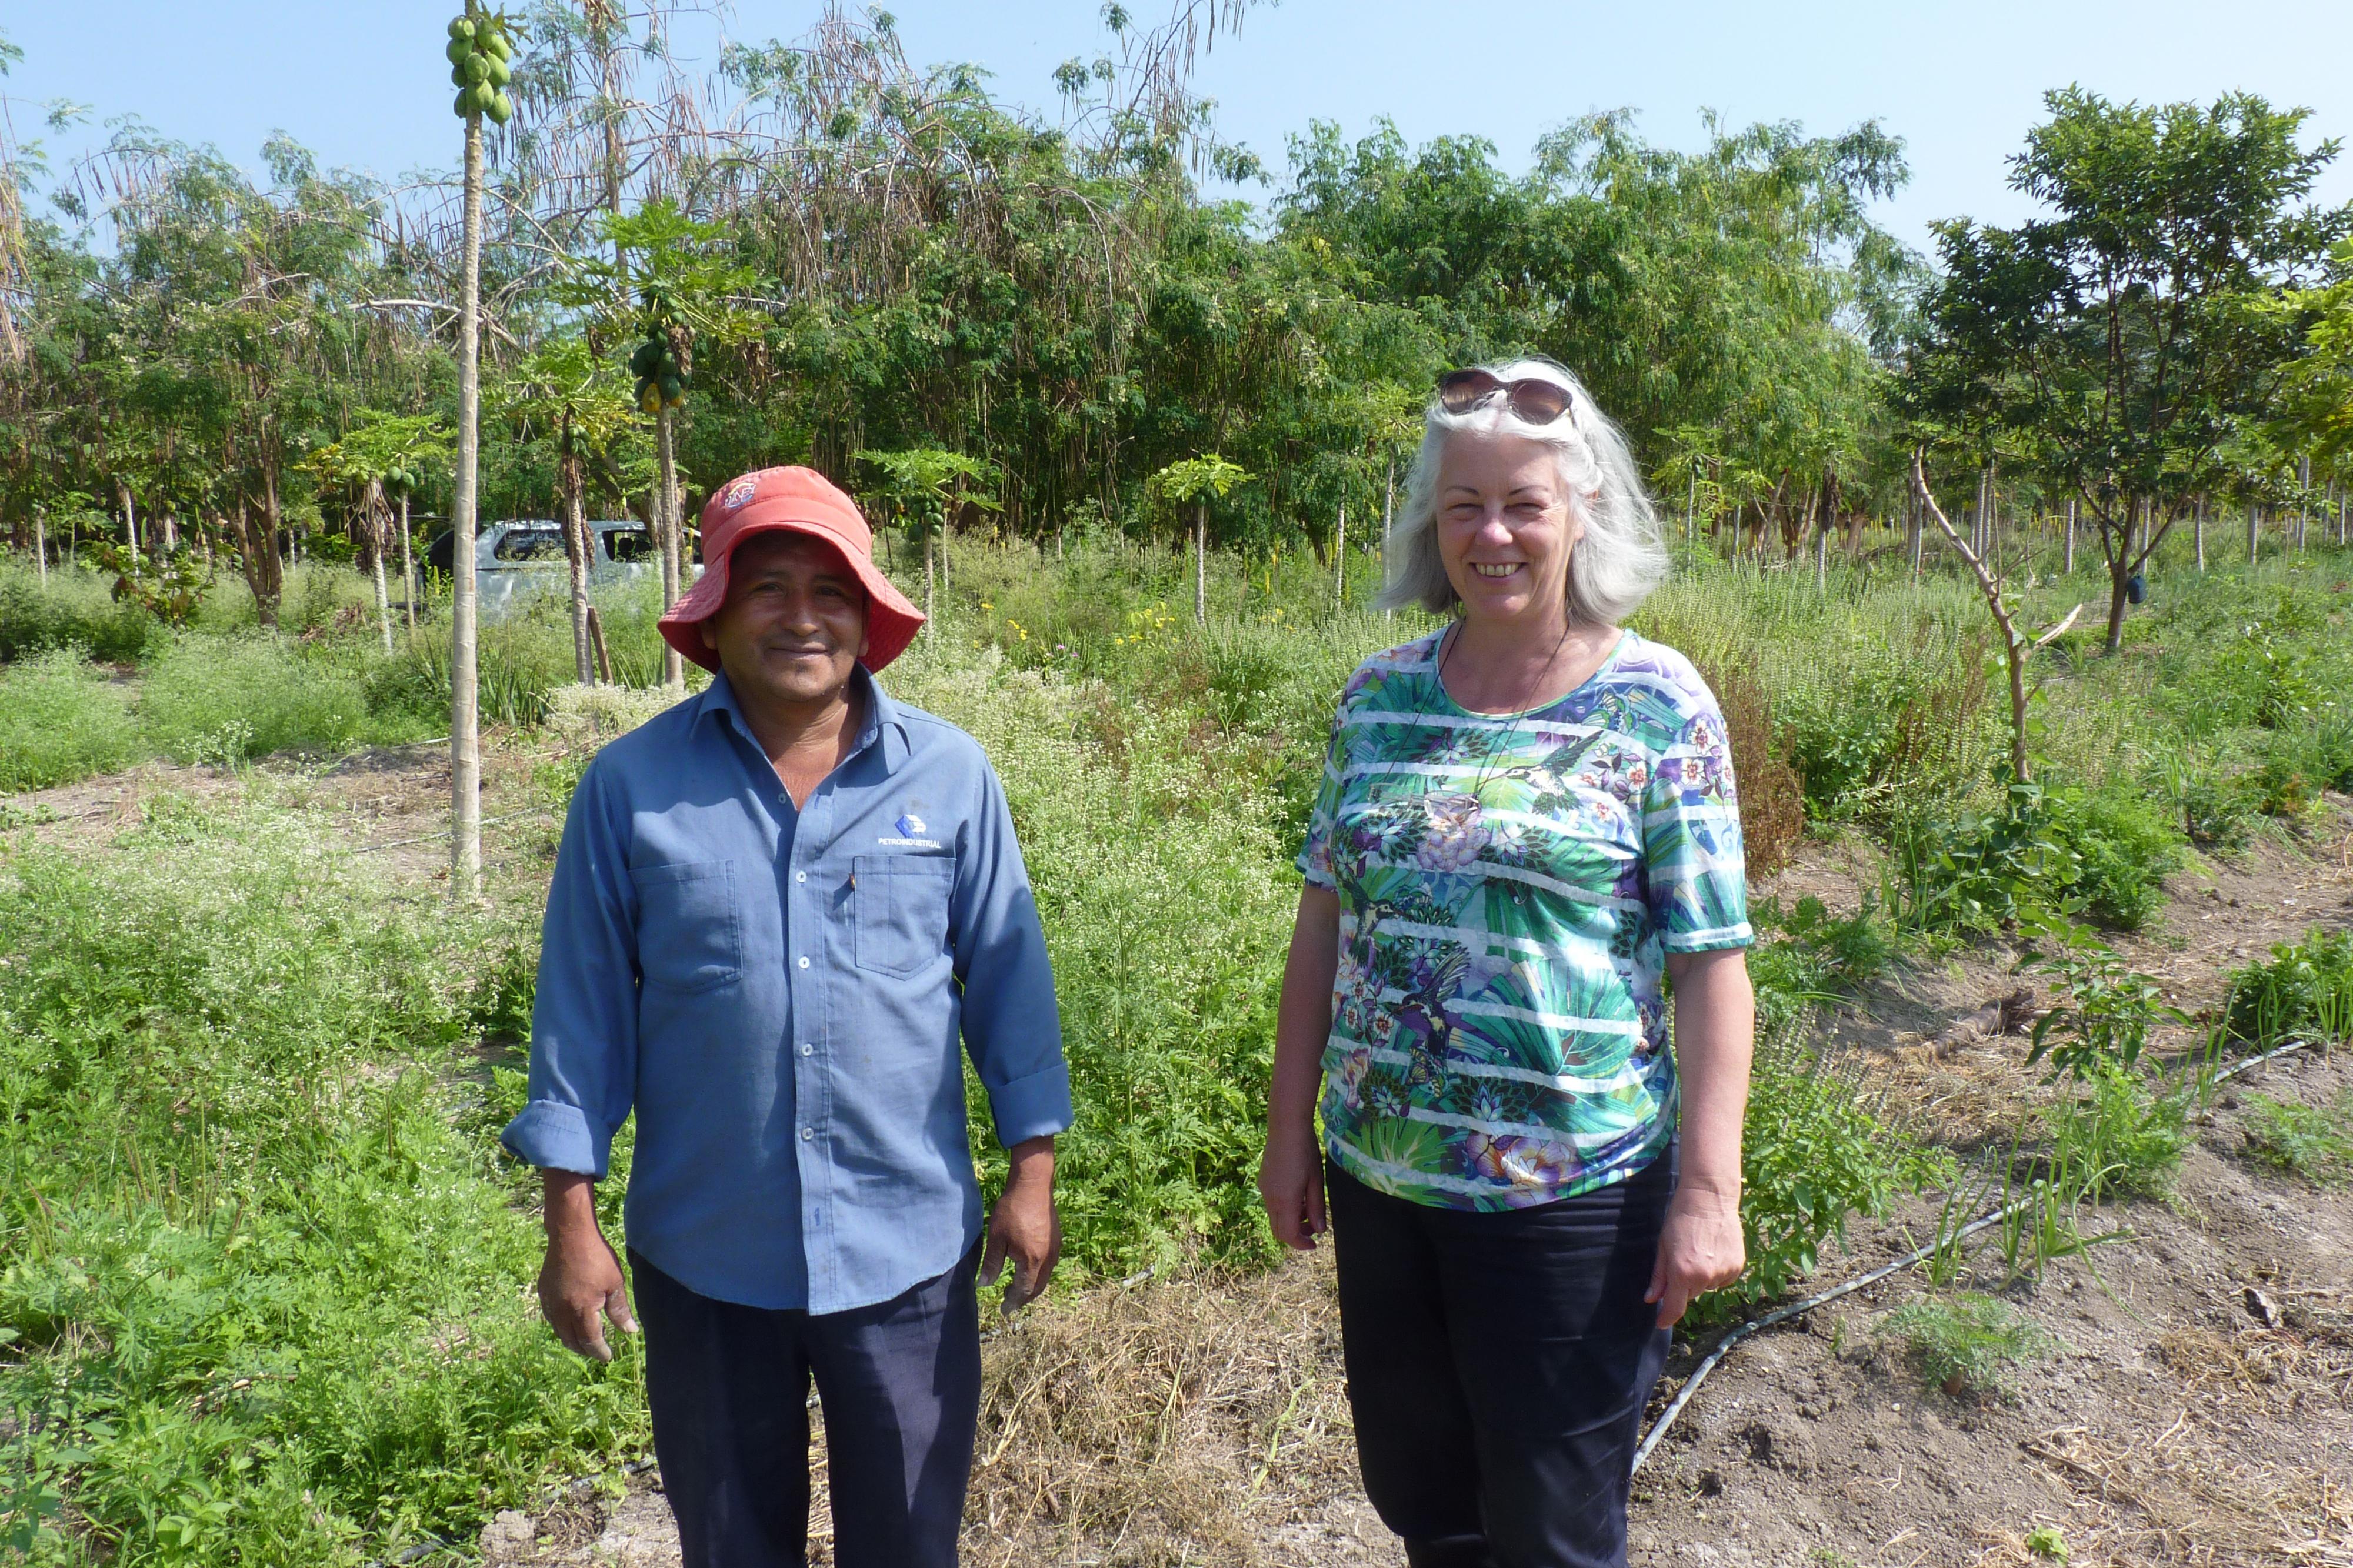 Gründerin Margot Esser neben einem Kleinbauern vor einem Feld